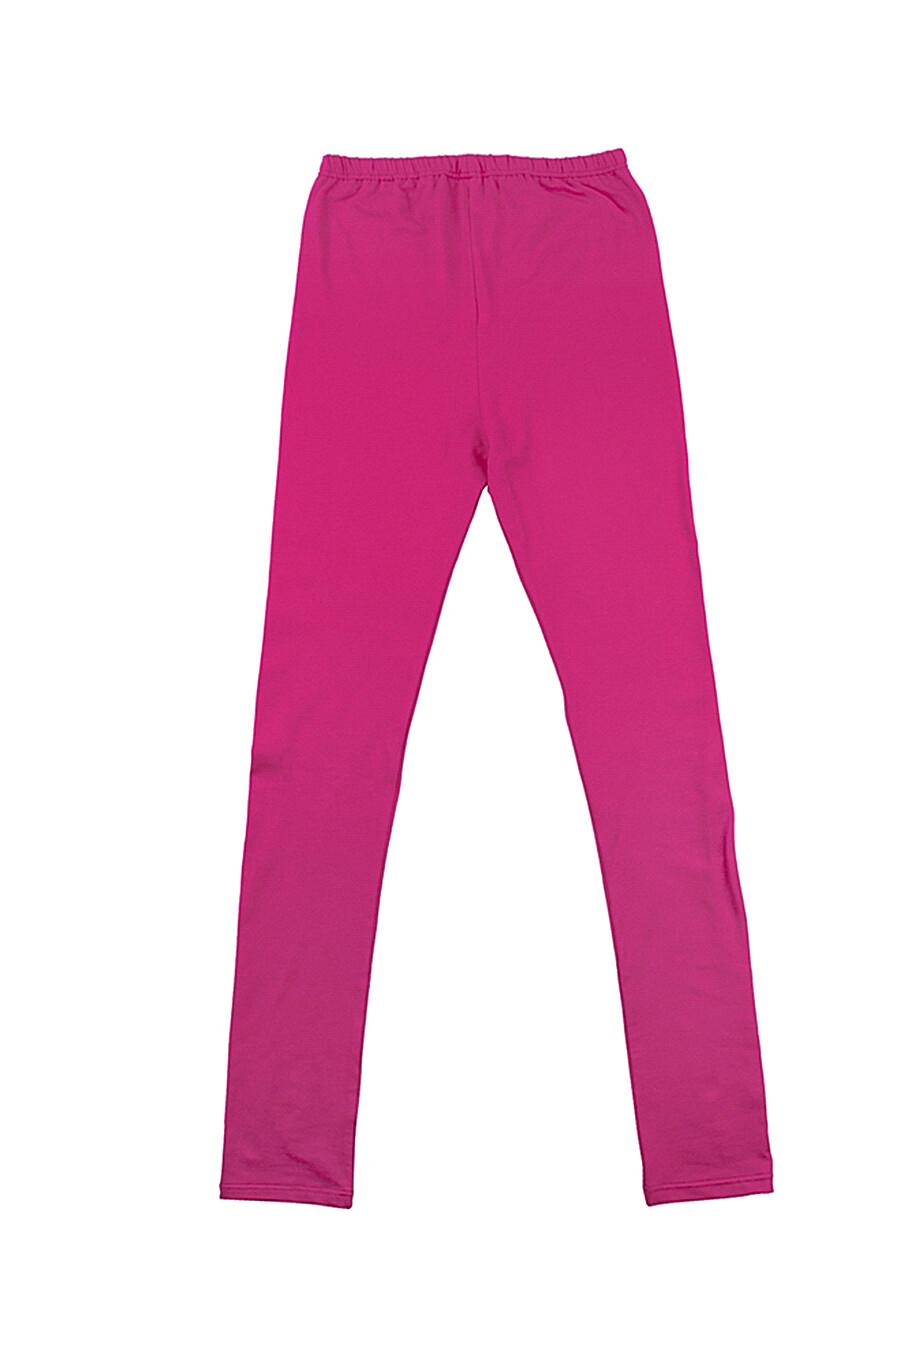 Рейтузы для женщин Archi 130645 купить оптом от производителя. Совместная покупка женской одежды в OptMoyo